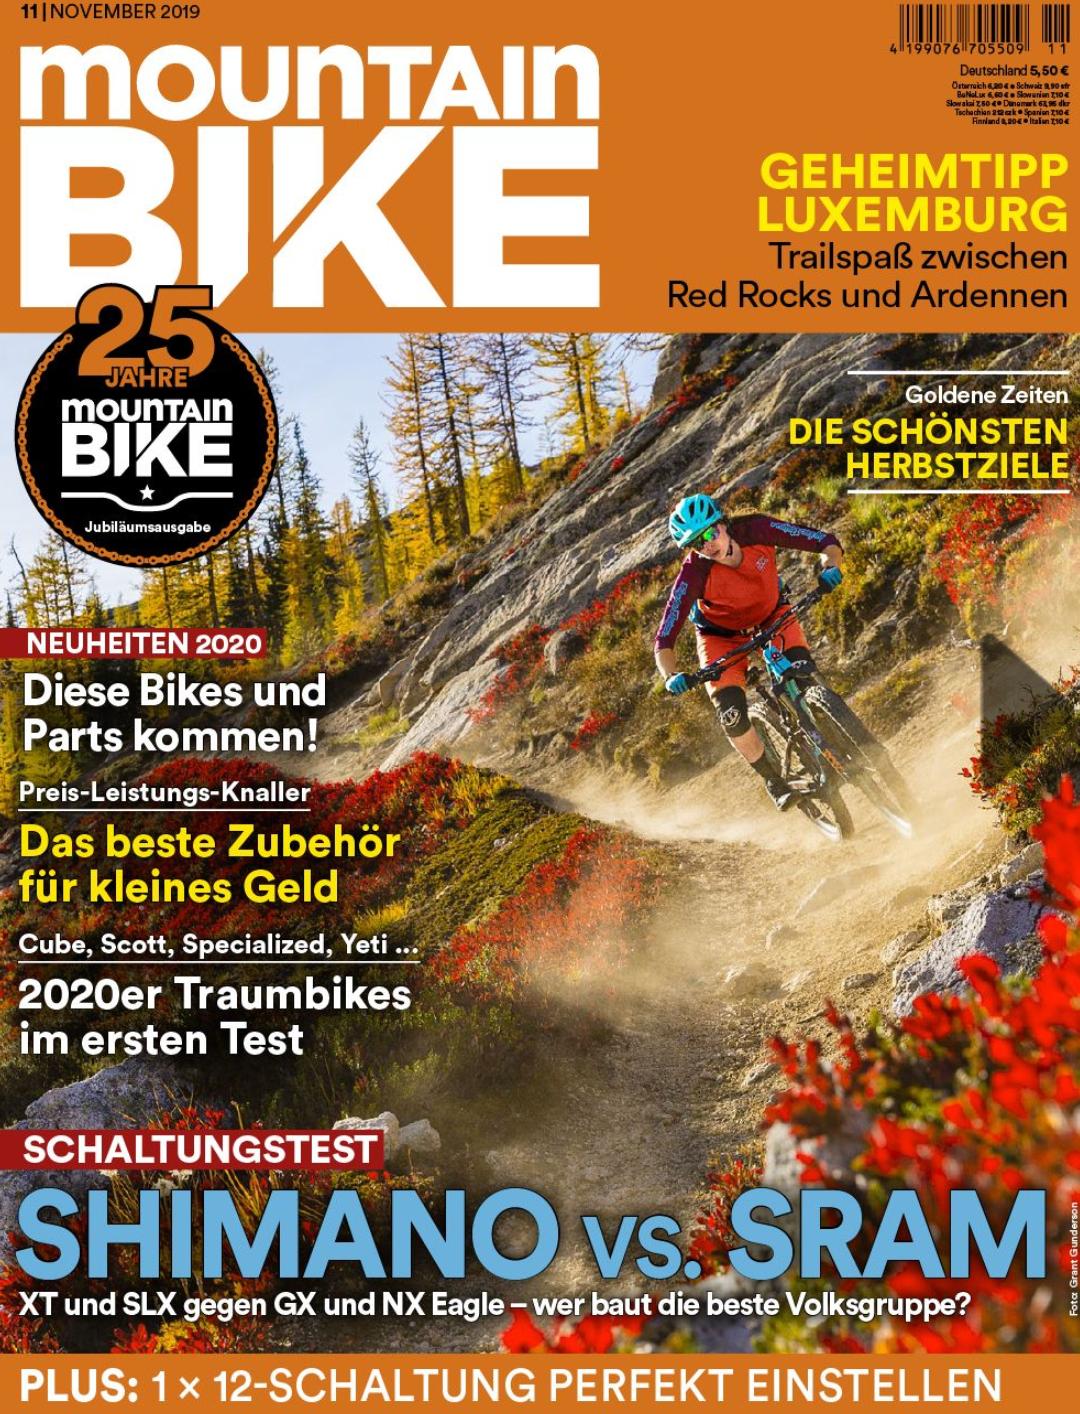 Mountainbike Magazin 24+1 Ausgabe inkl. 80 EUR Gutschein